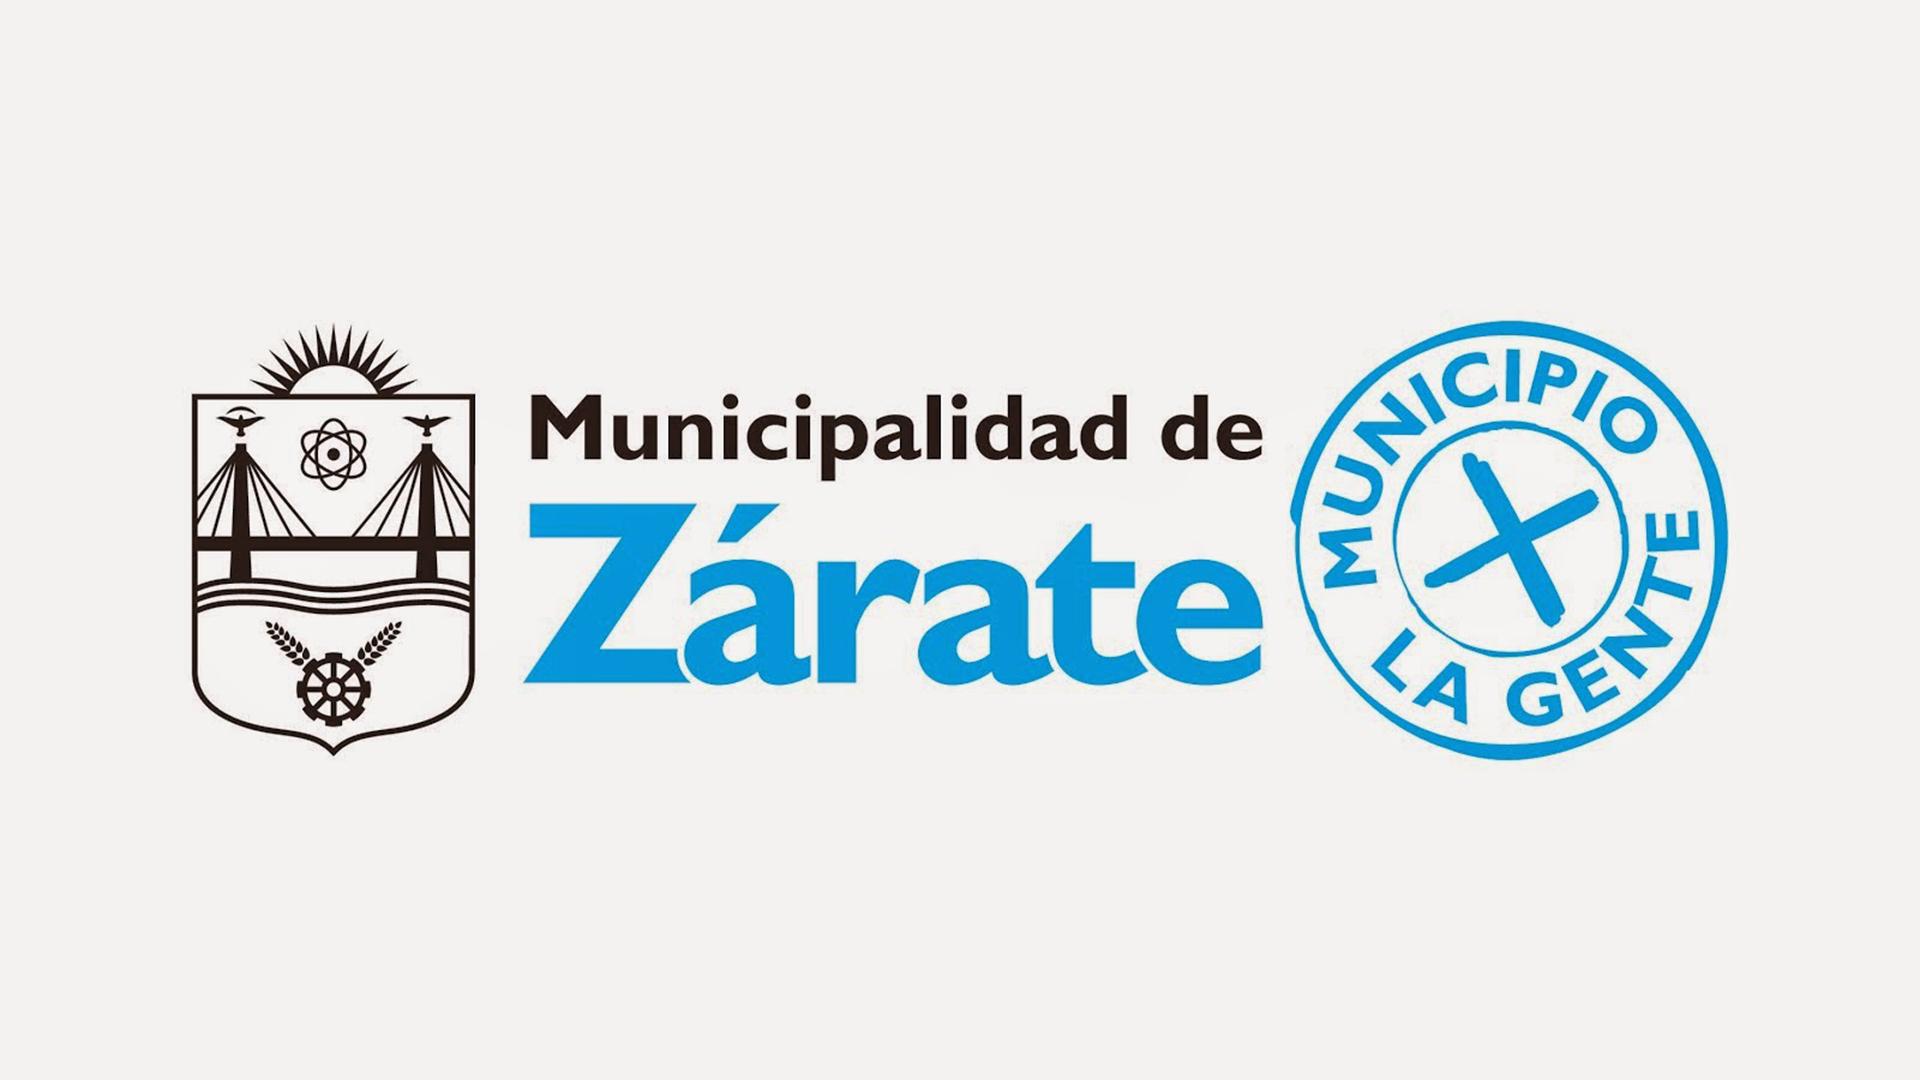 Municipaliadad De Zarate